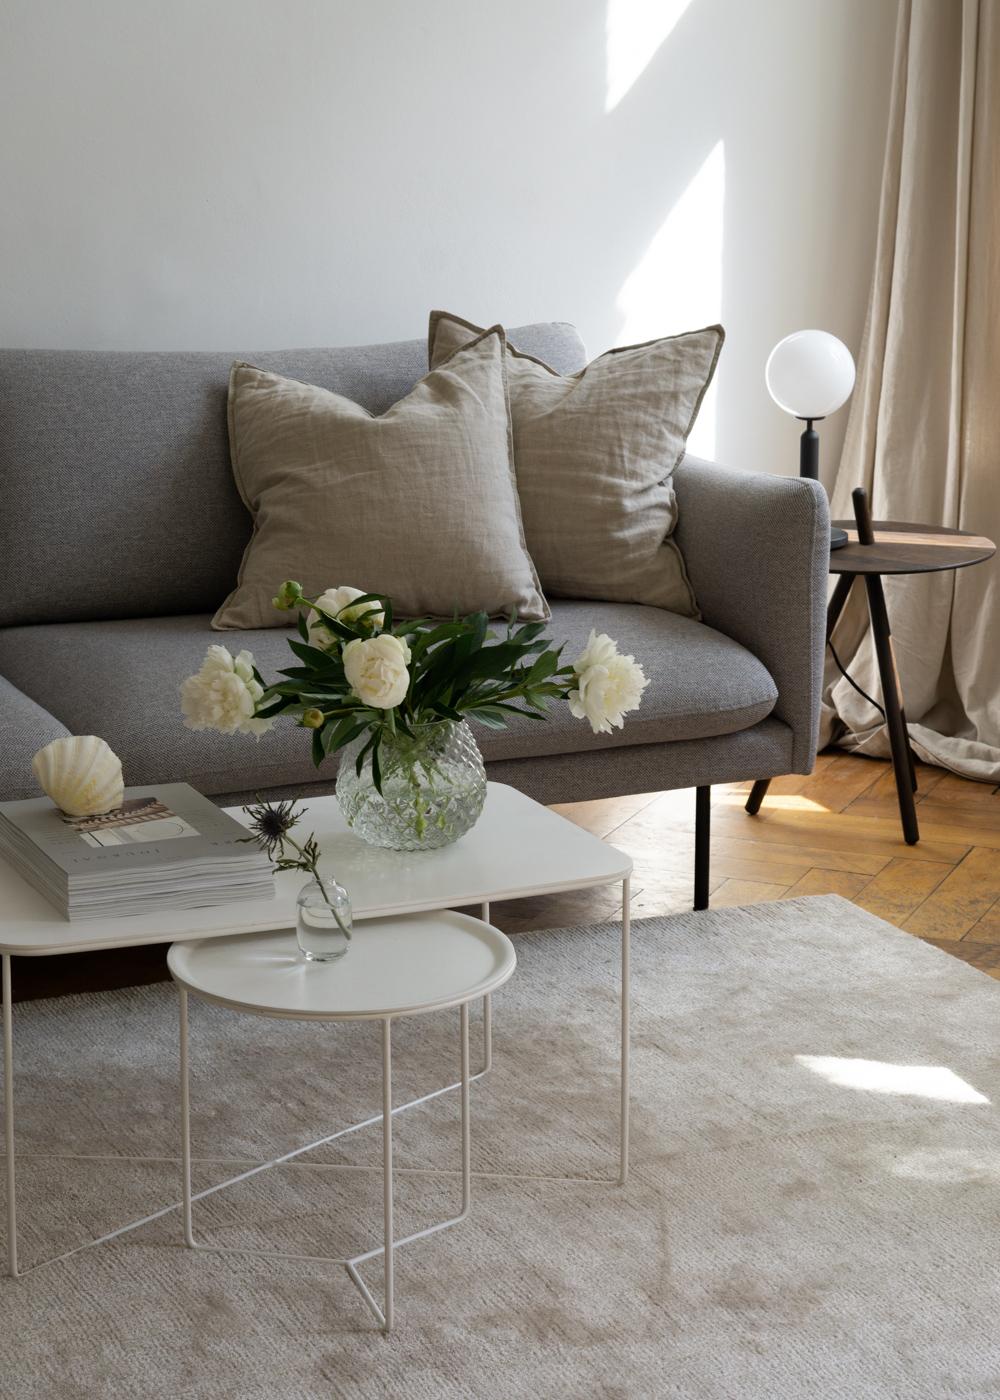 h m home beige linen pillows coffee